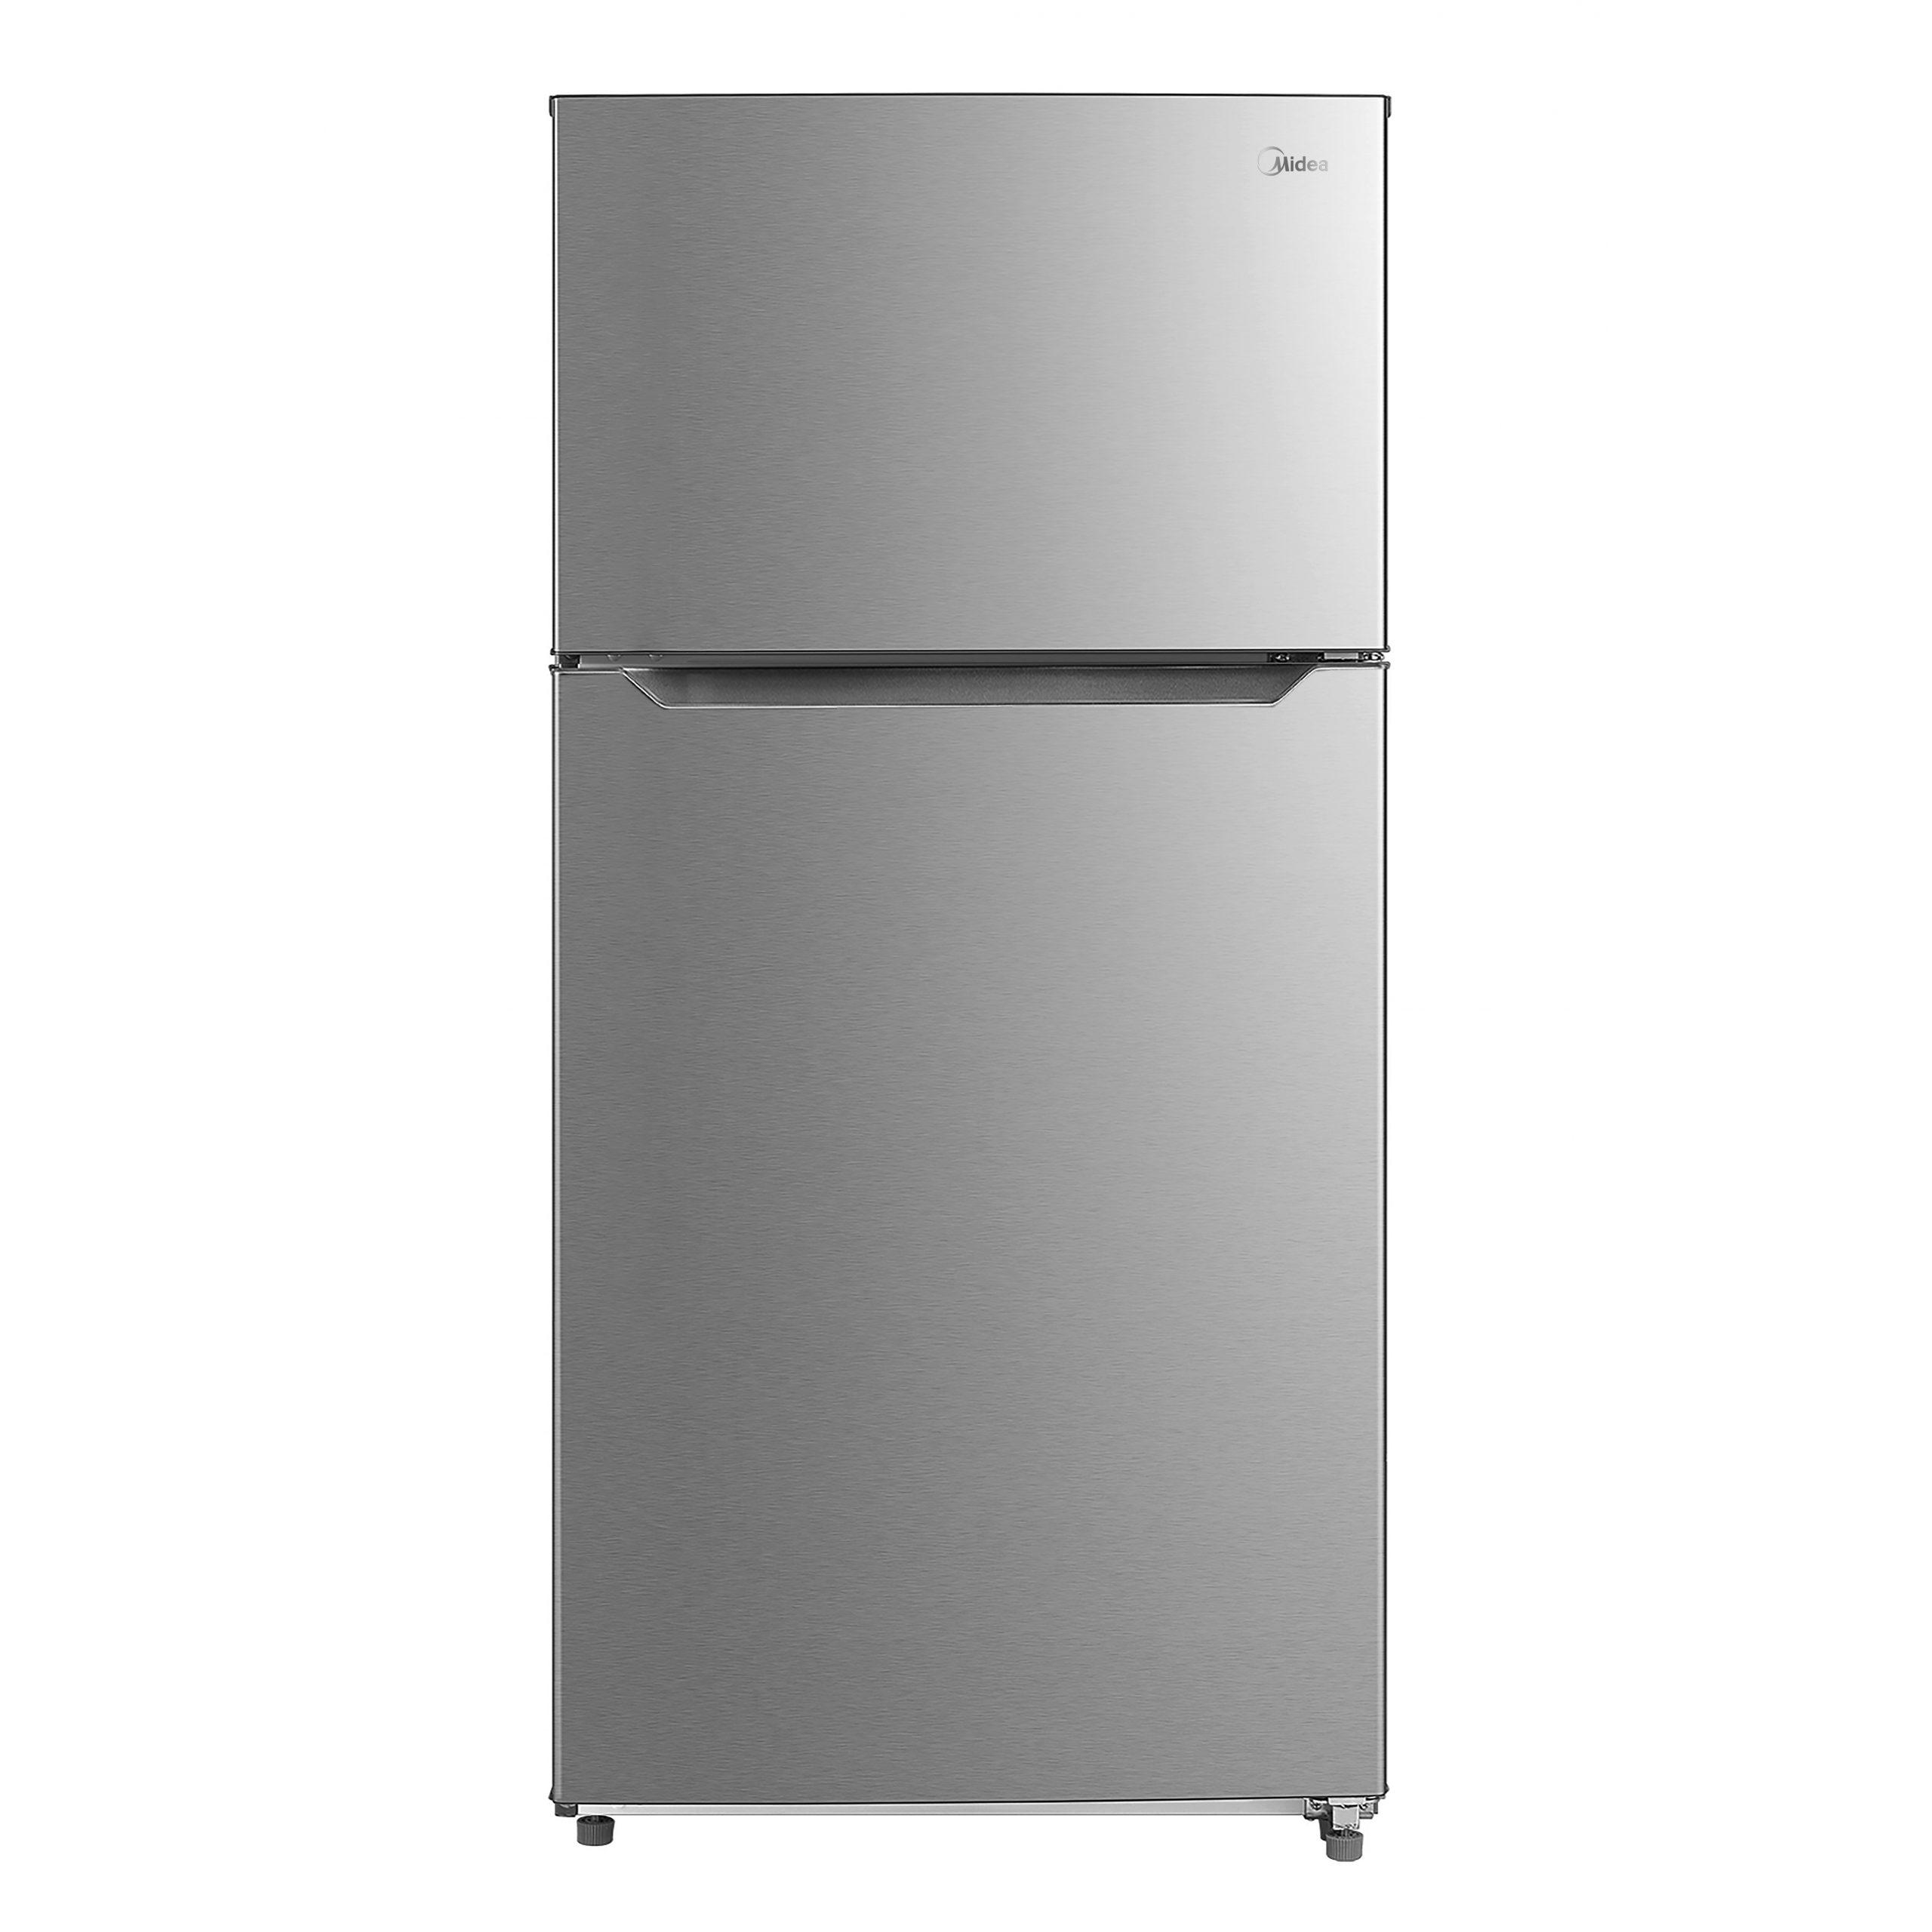 Δίπορτο Ψυγείο Midea MT845A1